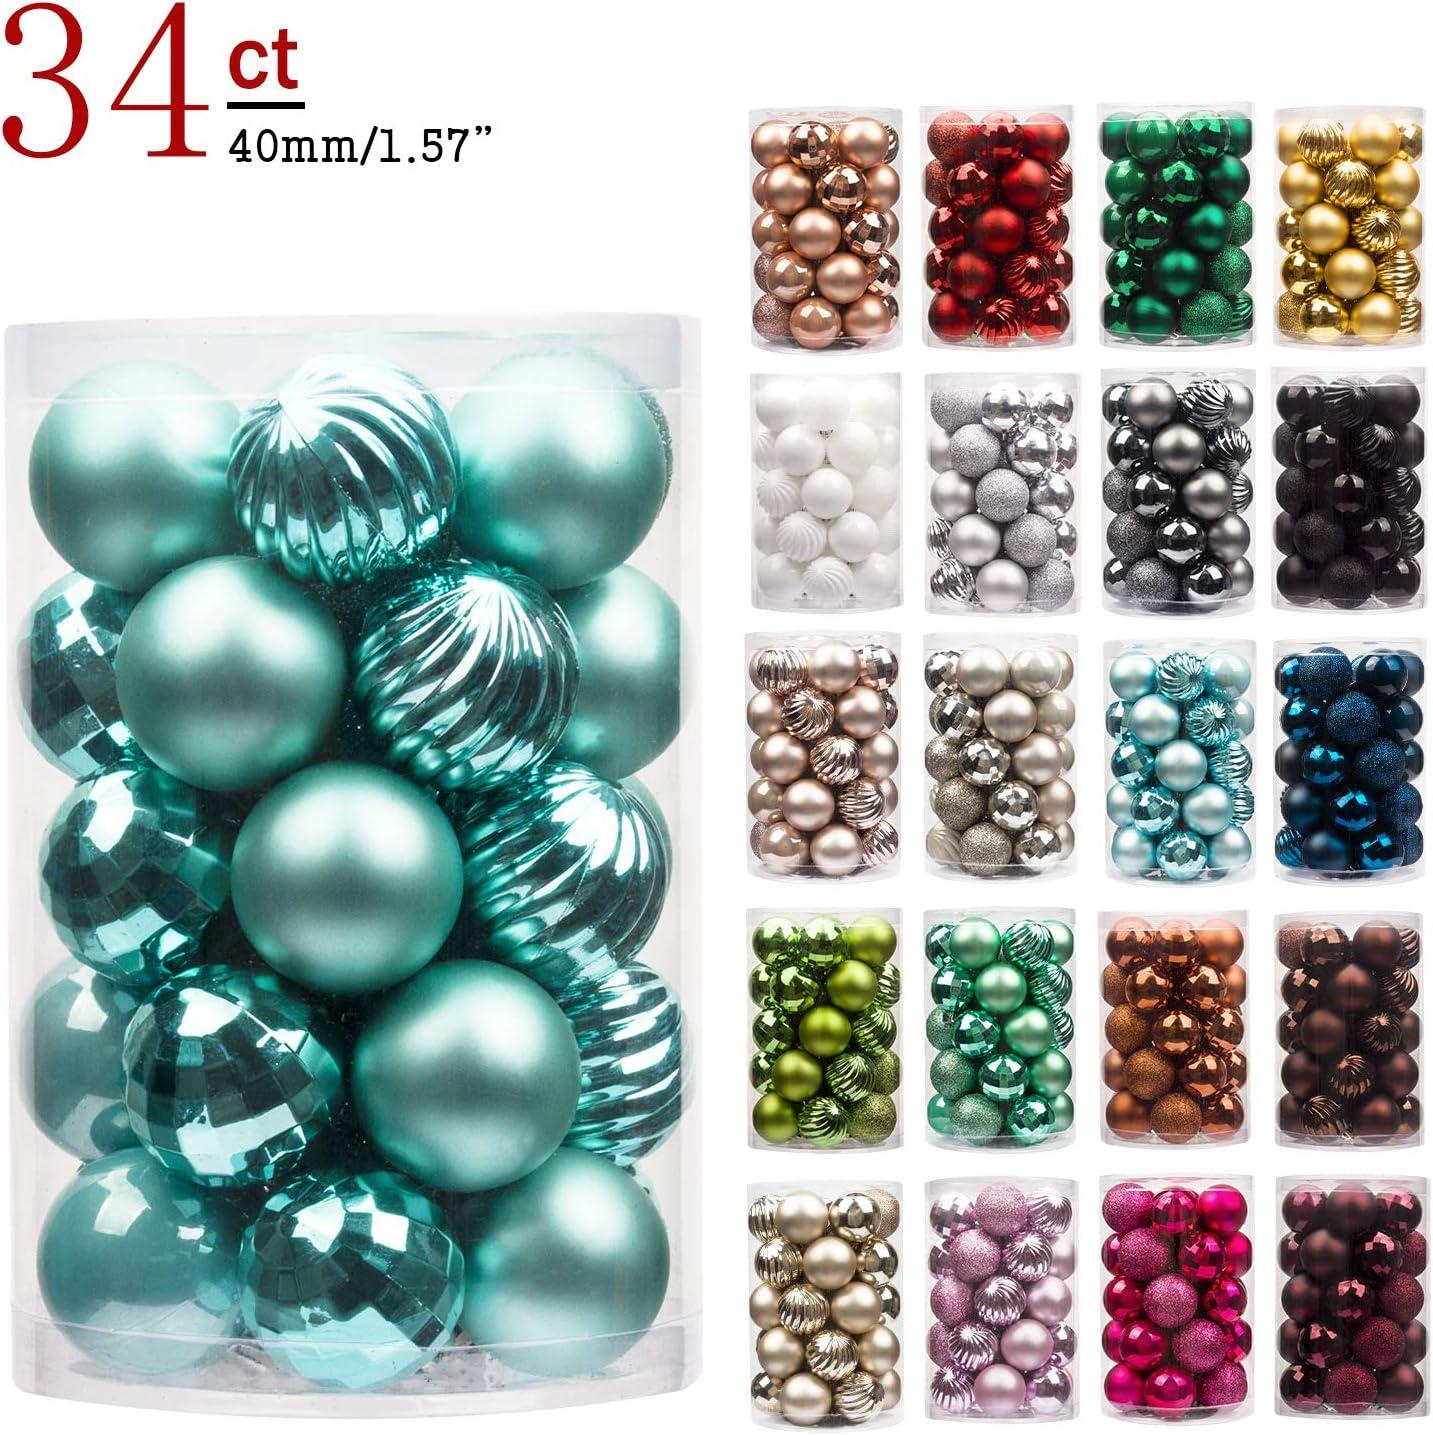 KI Store Art Beauty-Bolas para árbol de Navidad, diseño de Bola de Color Verde Azulado, irrompible, 24 Piezas (3 Acabados, 40 mm), 4 cm